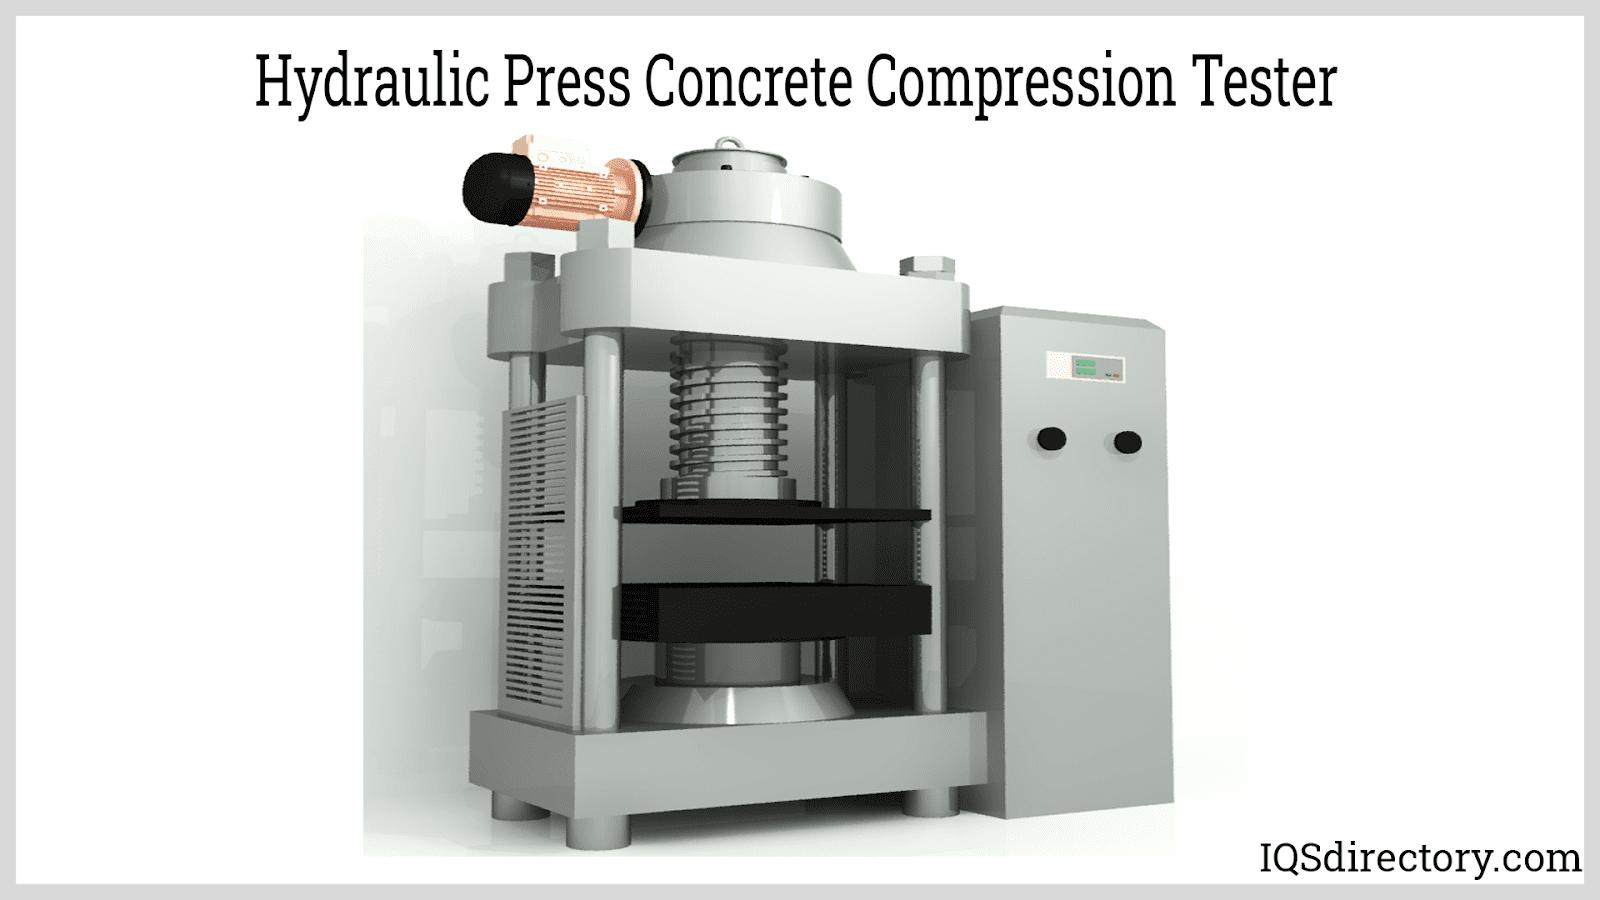 Hydraulic Press Concrete Compression Tester